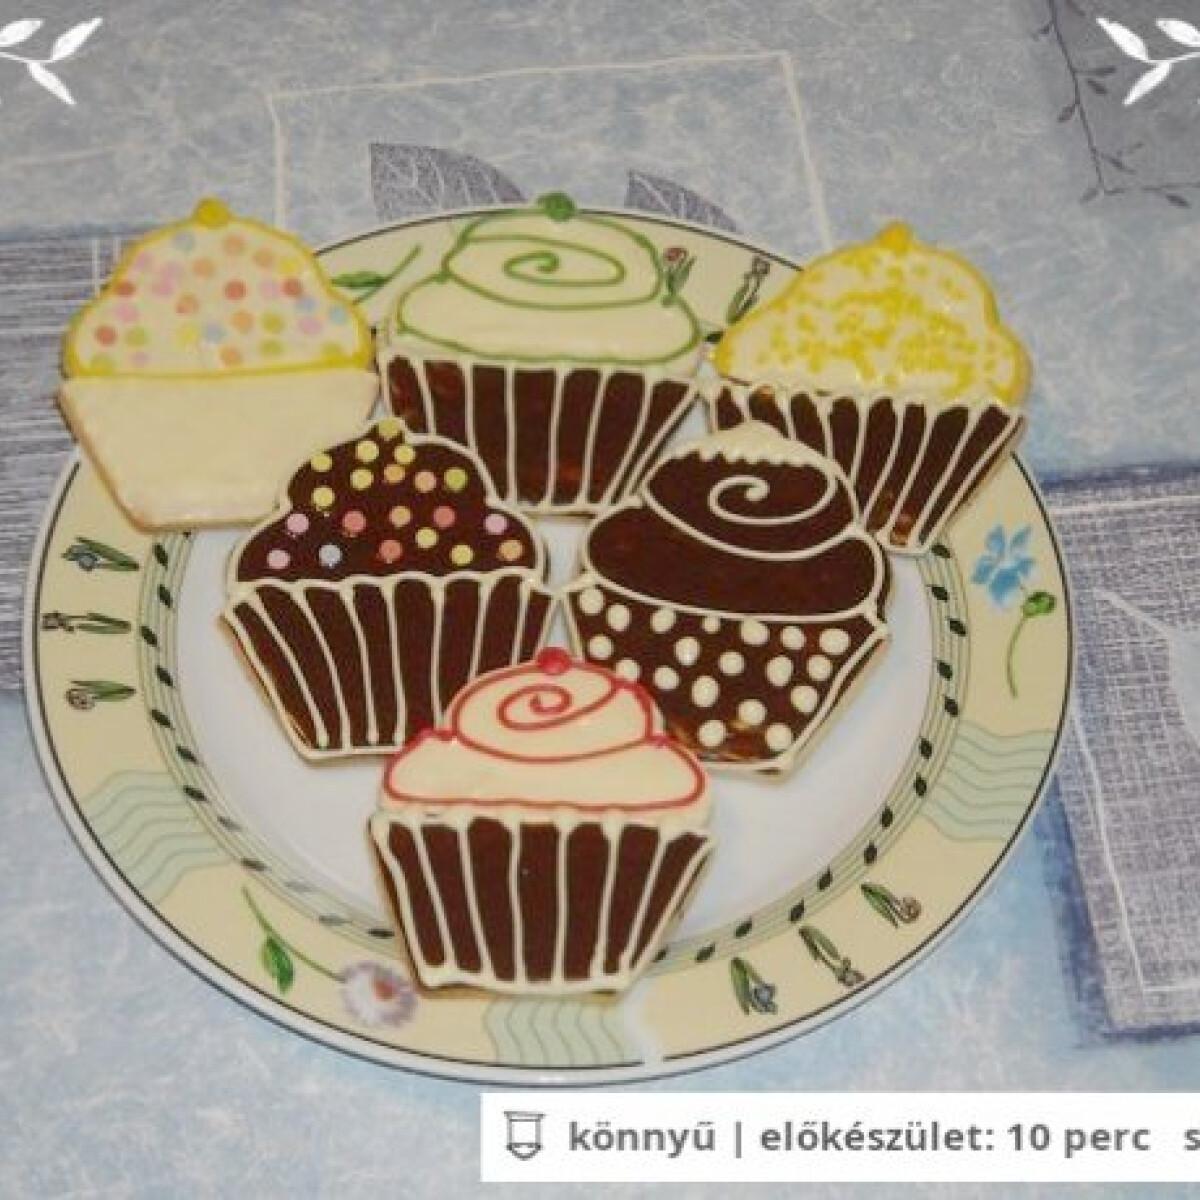 Ezen a képen: Linzer muffin